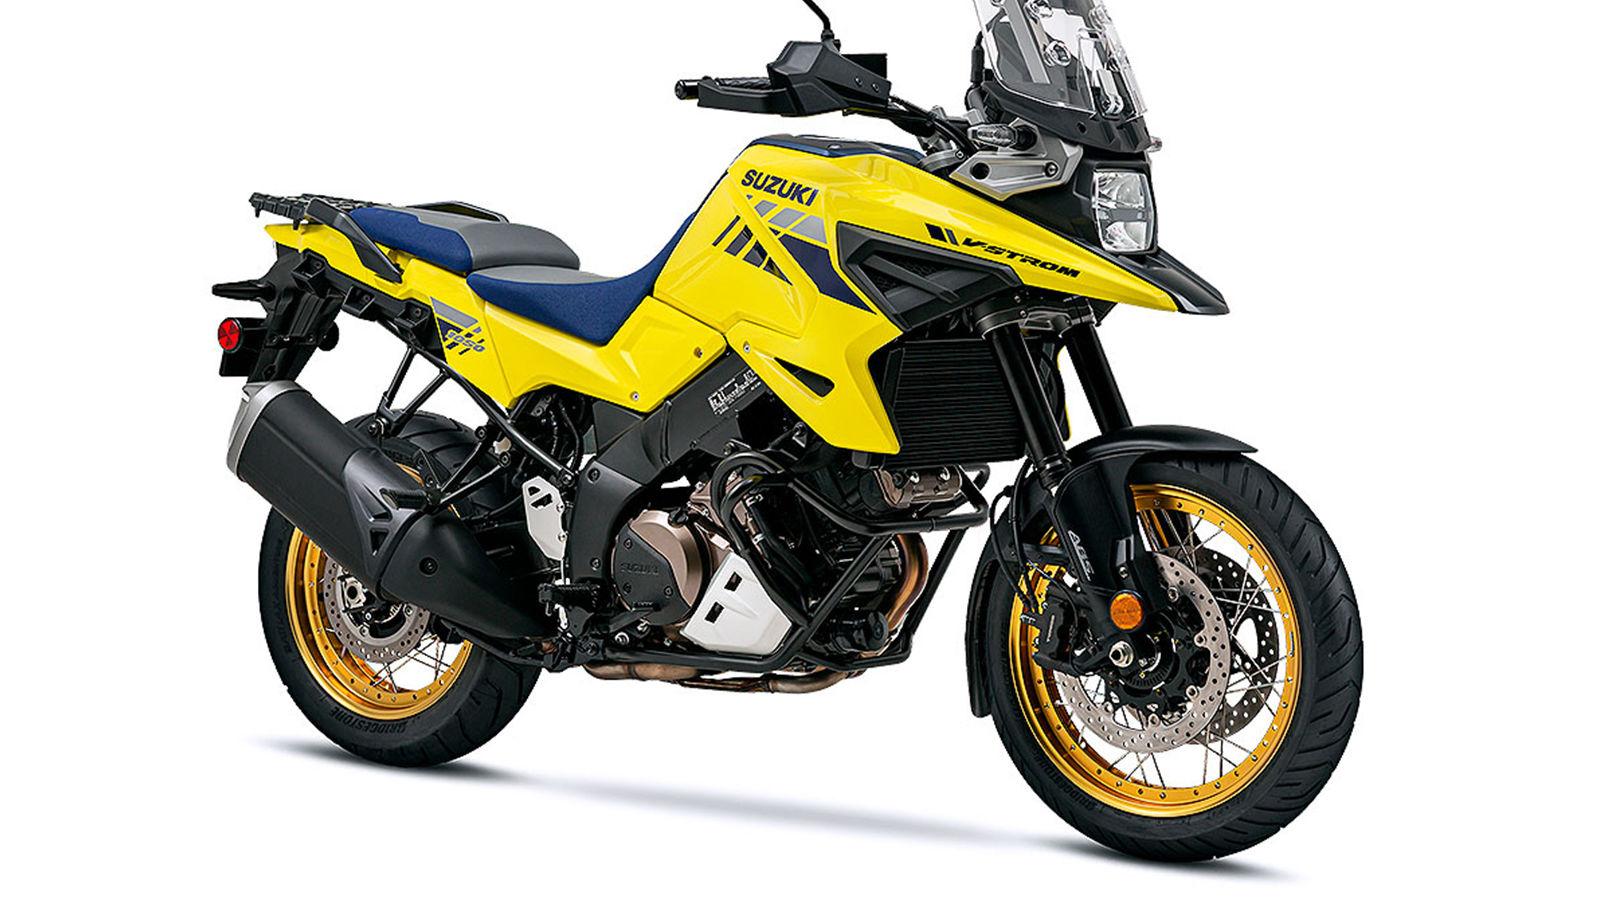 Gebrauchtberatung Suzuki DL 650 V-Strom   MOTORRADonline.de